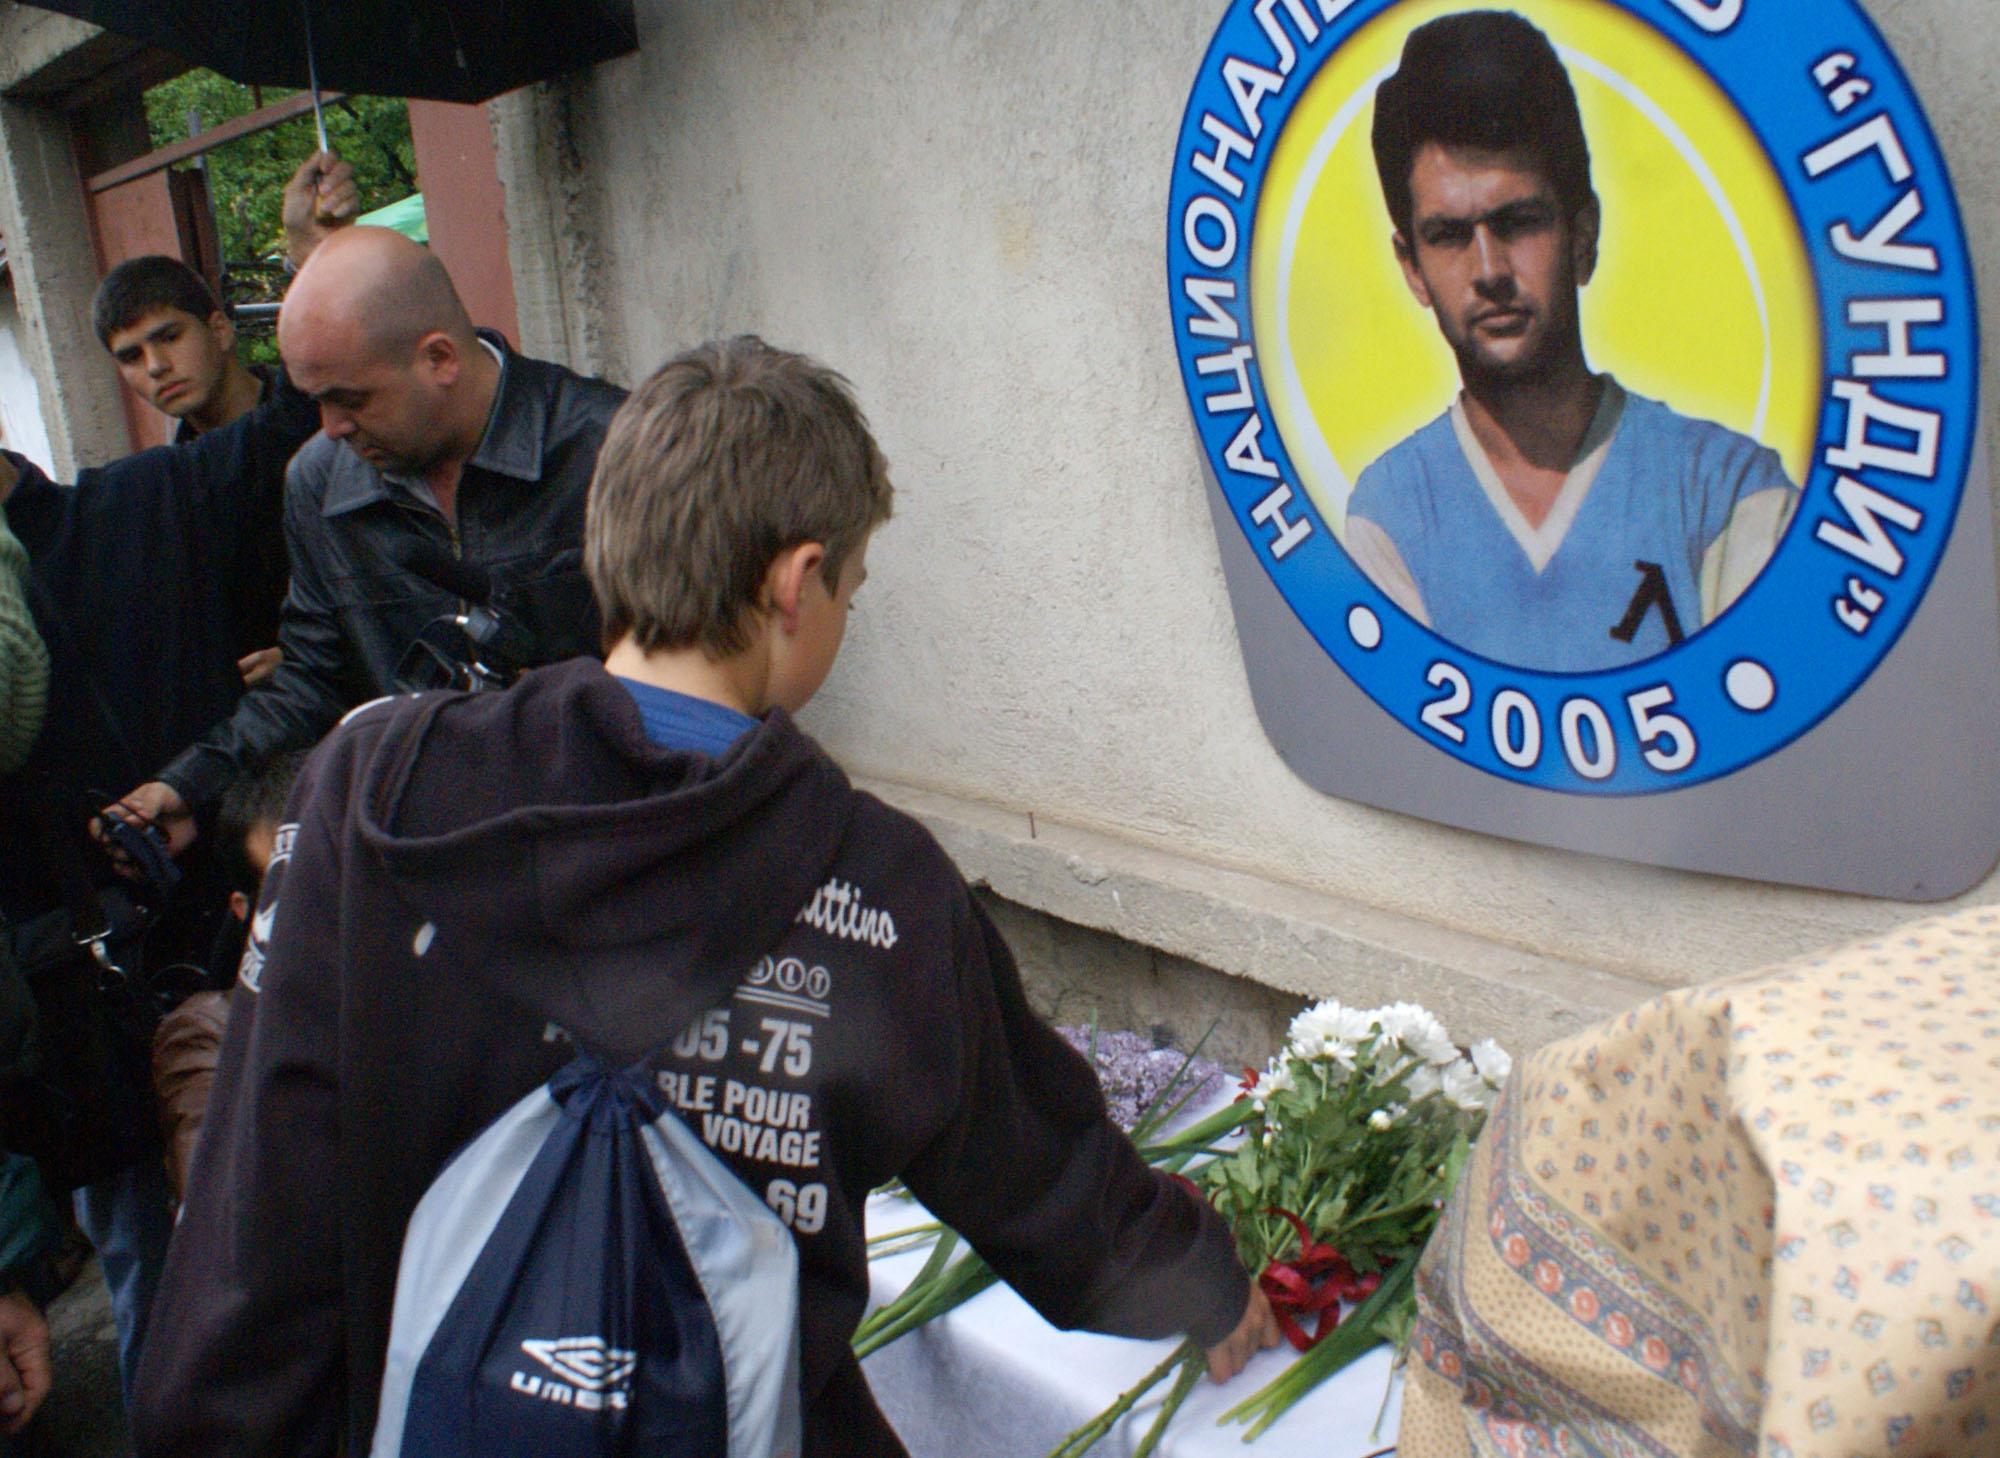 40 години от трагичната гибел на Гунди и Котков